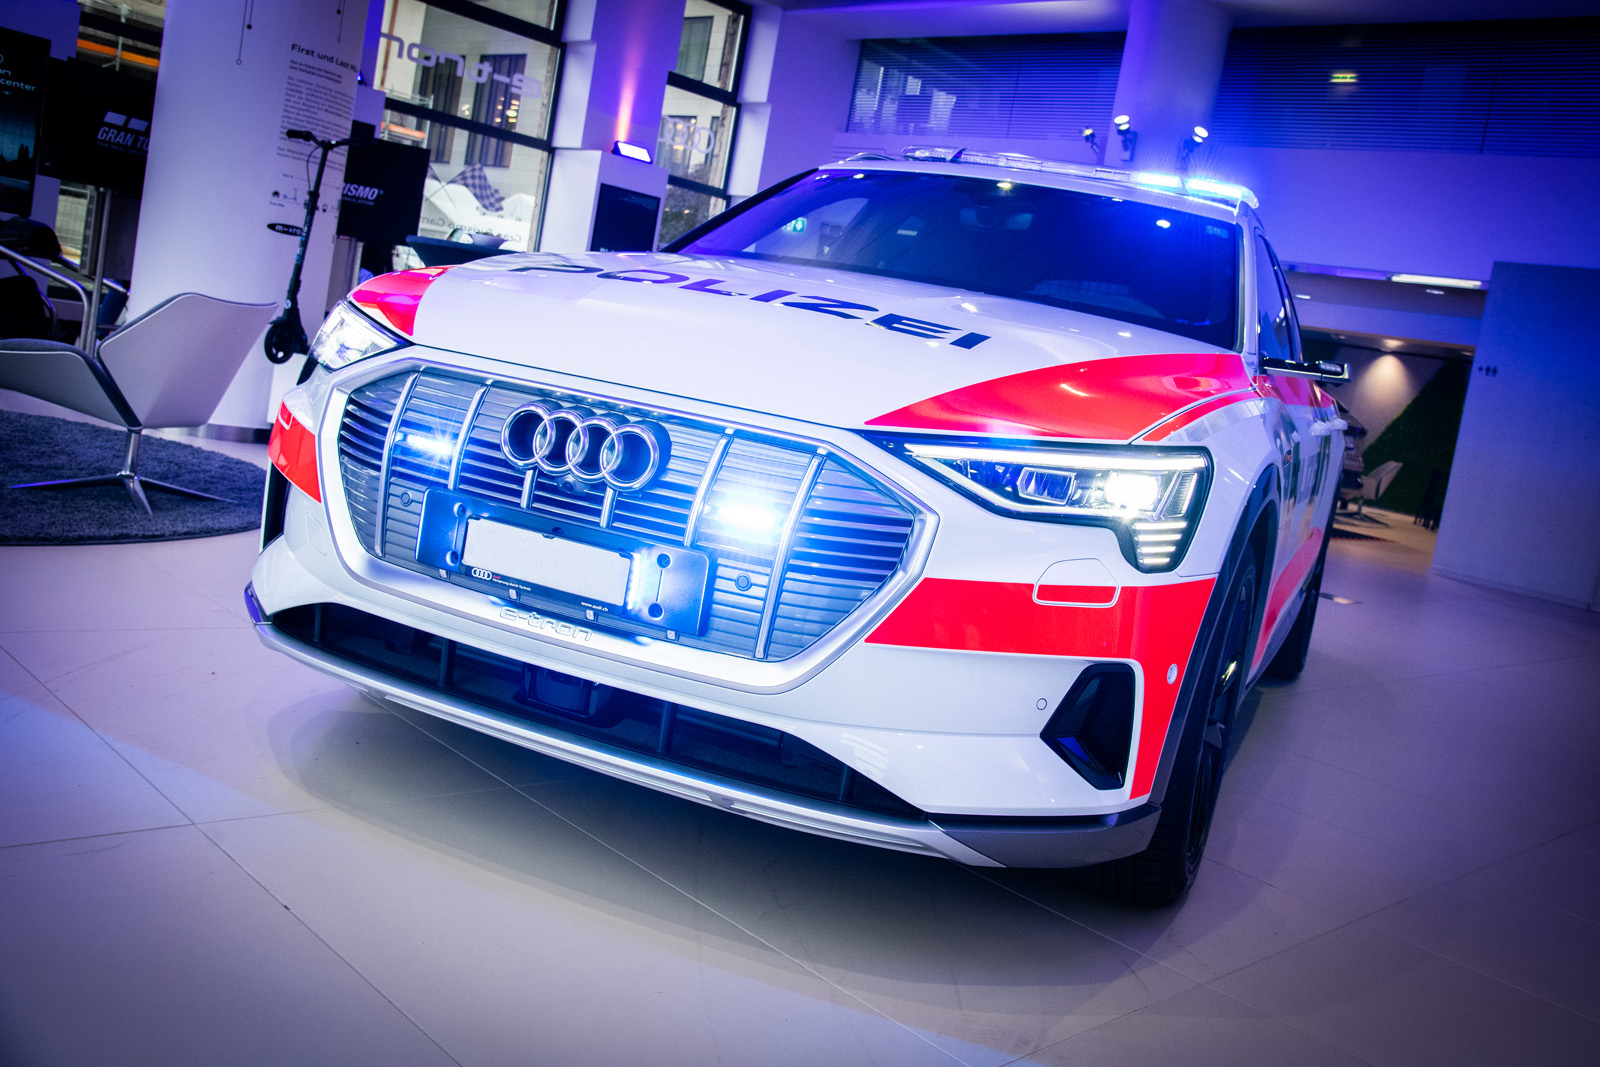 L'auto dimostrativa della polizia è stata presentata in novembre a Zurigo ai rappresentanti della polizia interessati. (Thomas Buchwalder)